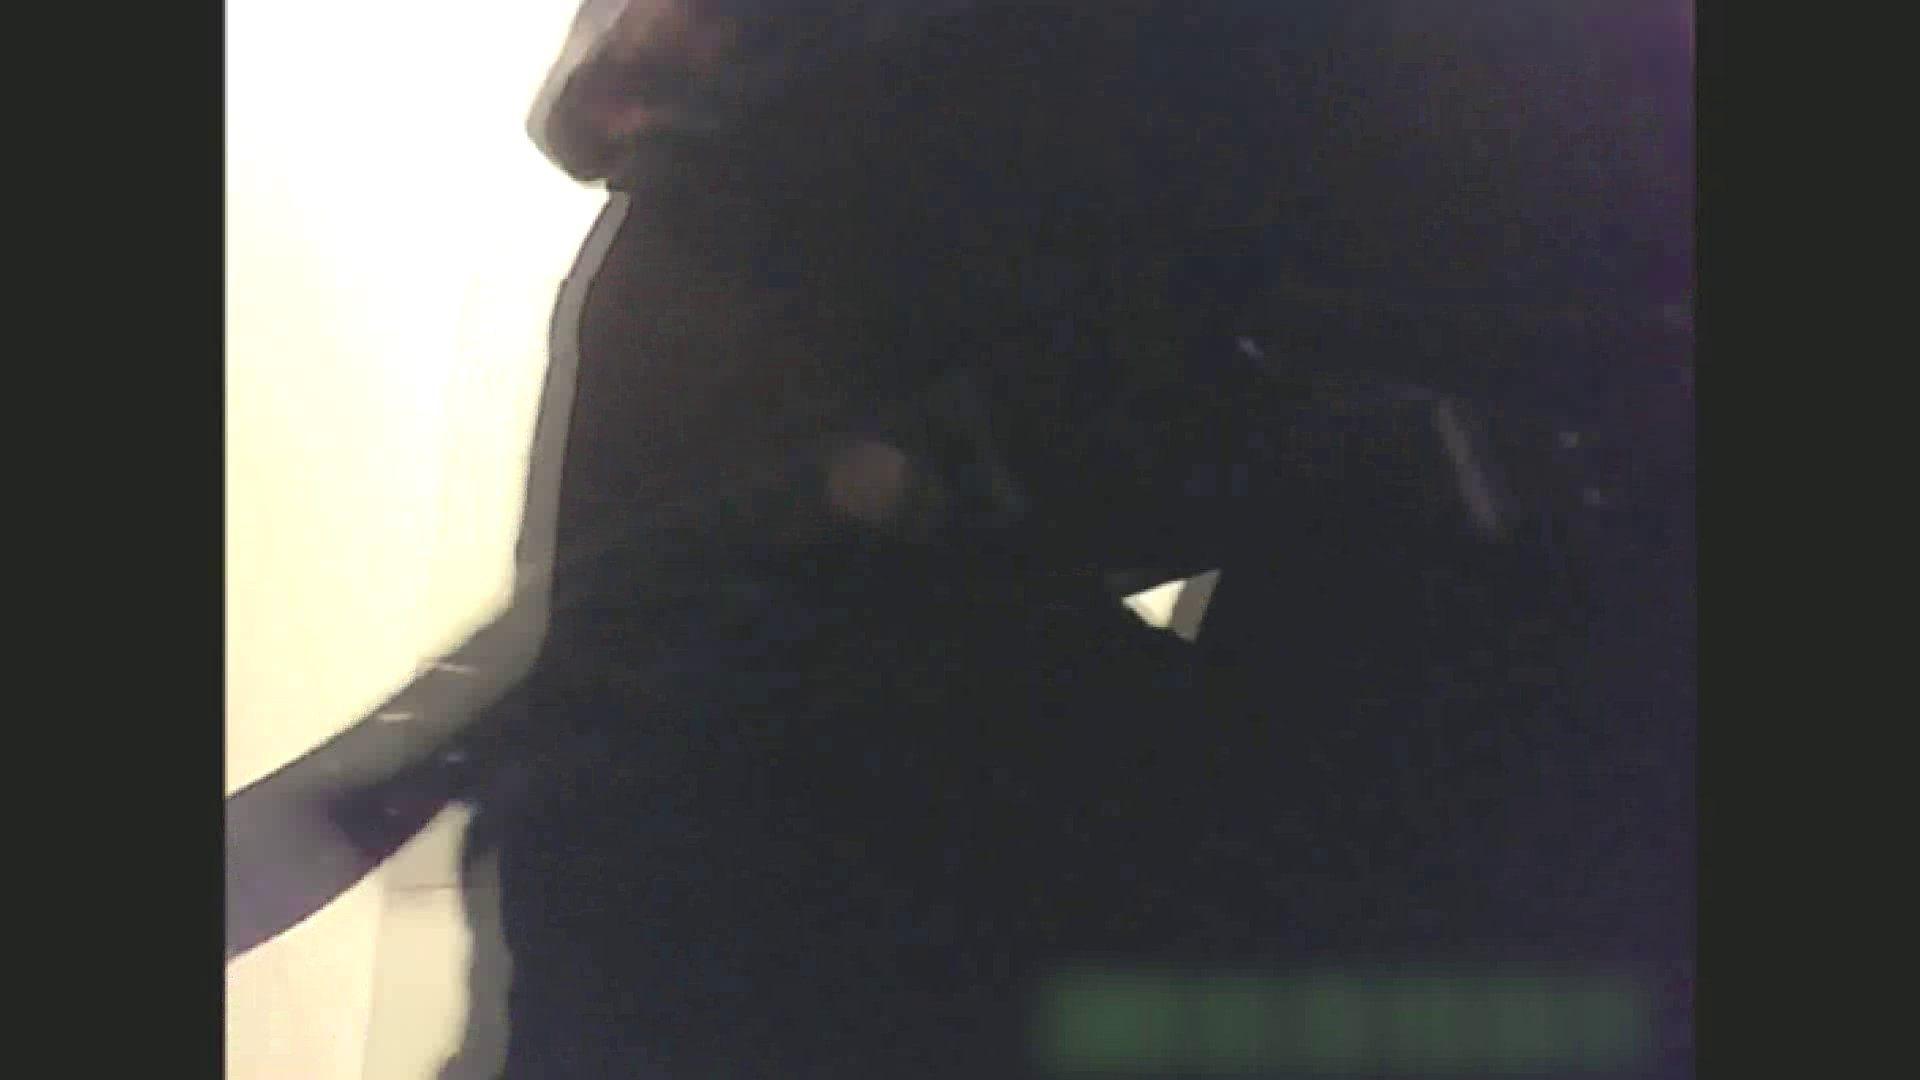 実録!!綺麗なお姉さんのトイレ事情・・・。vol.13 OLの実態 盗撮戯れ無修正画像 62pic 8